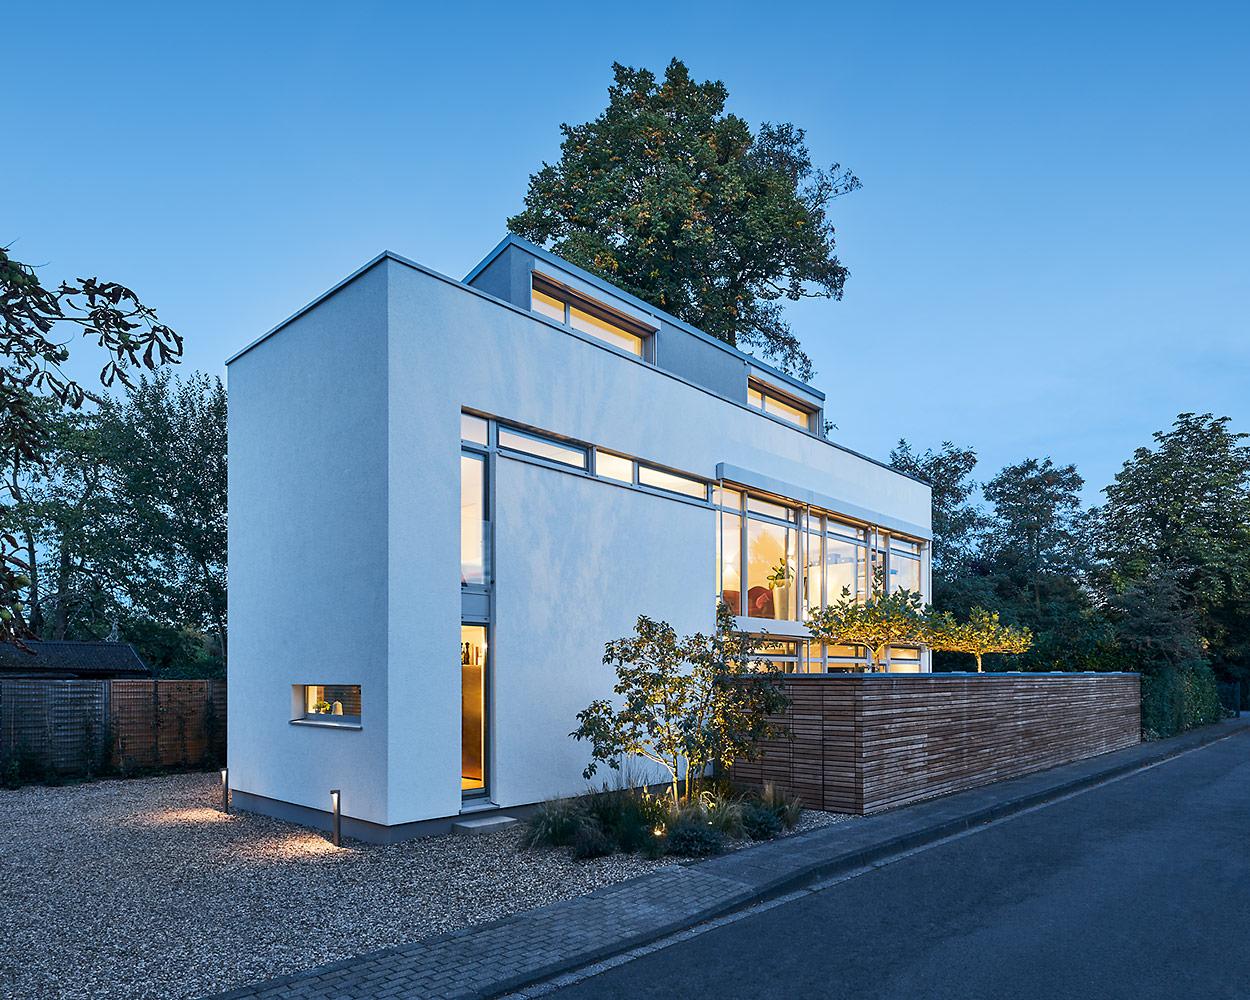 Architekturfotograf Krefeld, EFH B, Lücker Beckmann Architekten, Krefeld